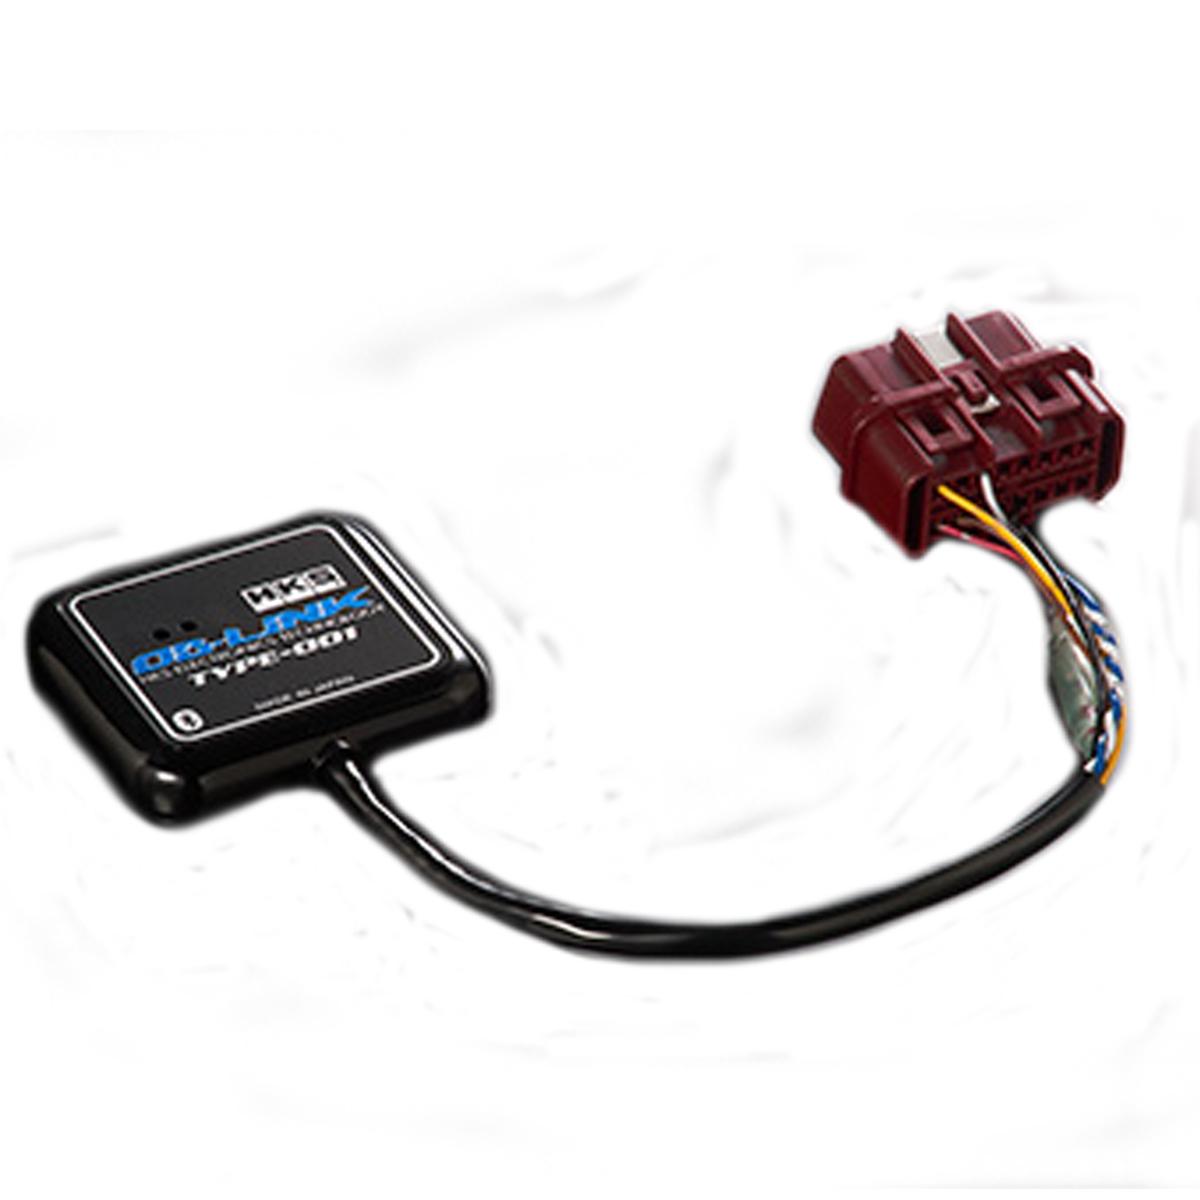 プリウス PHV モニター OBリンク タイプ 001 ZVW35 HKS 44009-AK002 エレクトリニクス 個人宅発送追金有